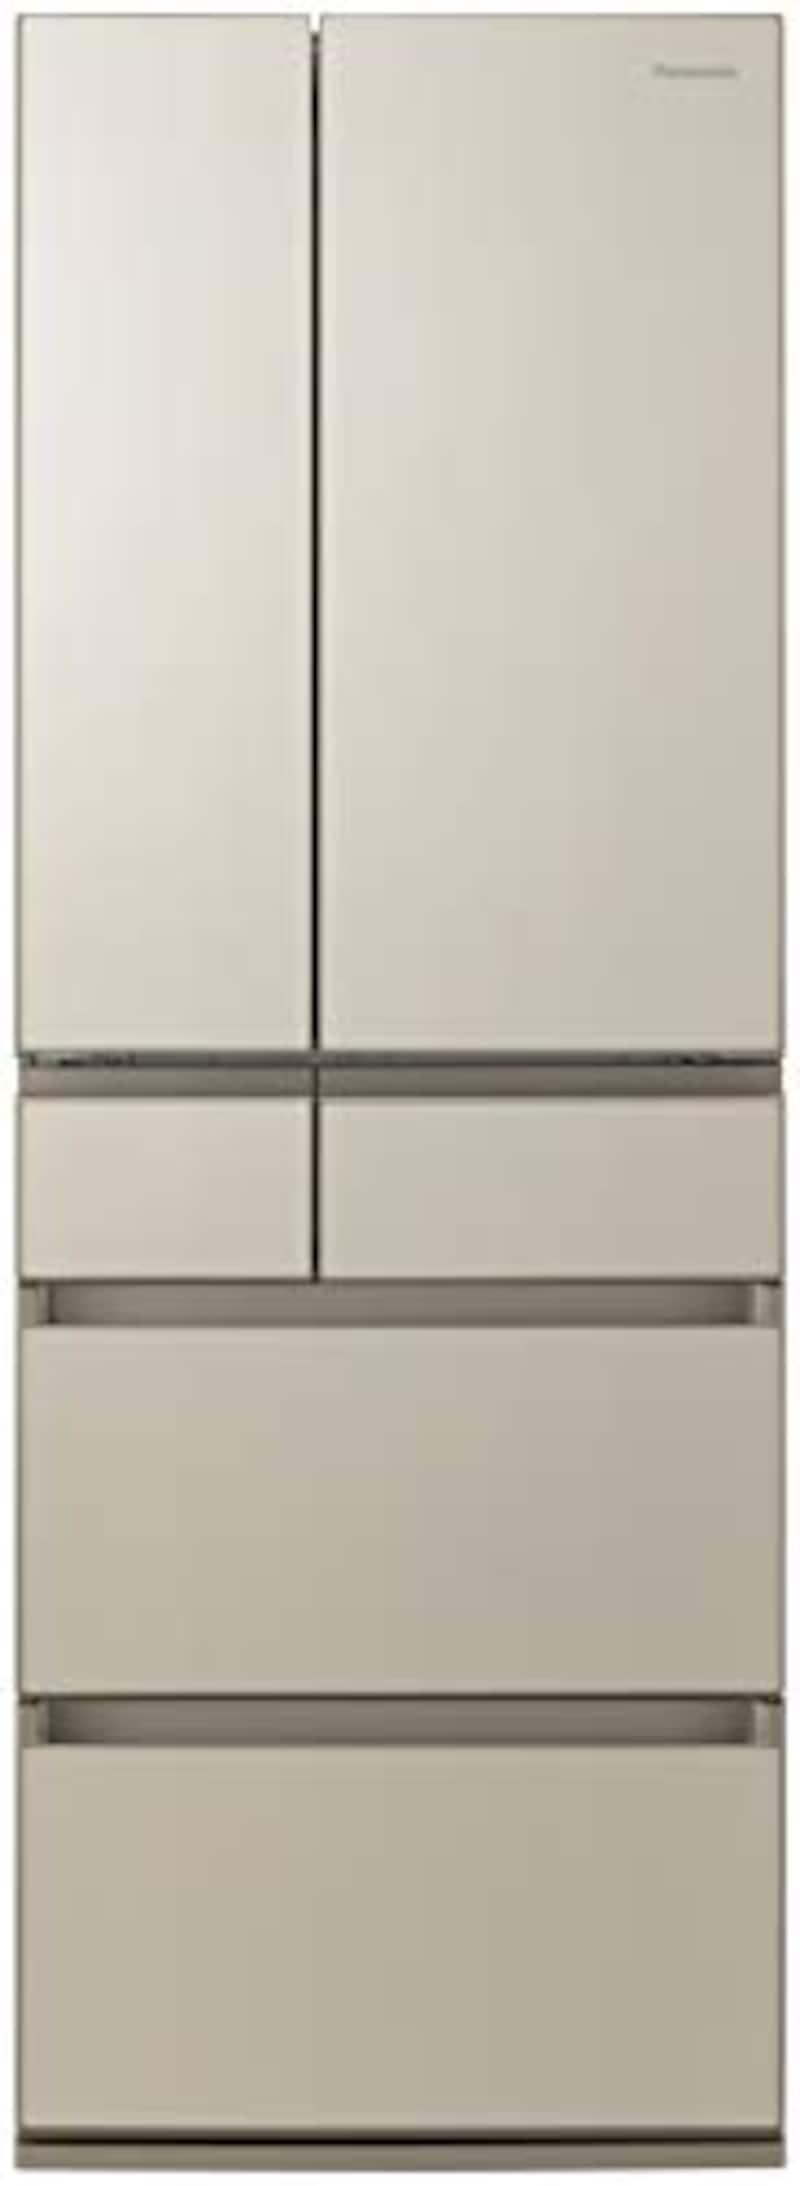 Panasonic(パナソニック),6ドア冷蔵庫 パーシャル搭載 ,NR-F507PX-N